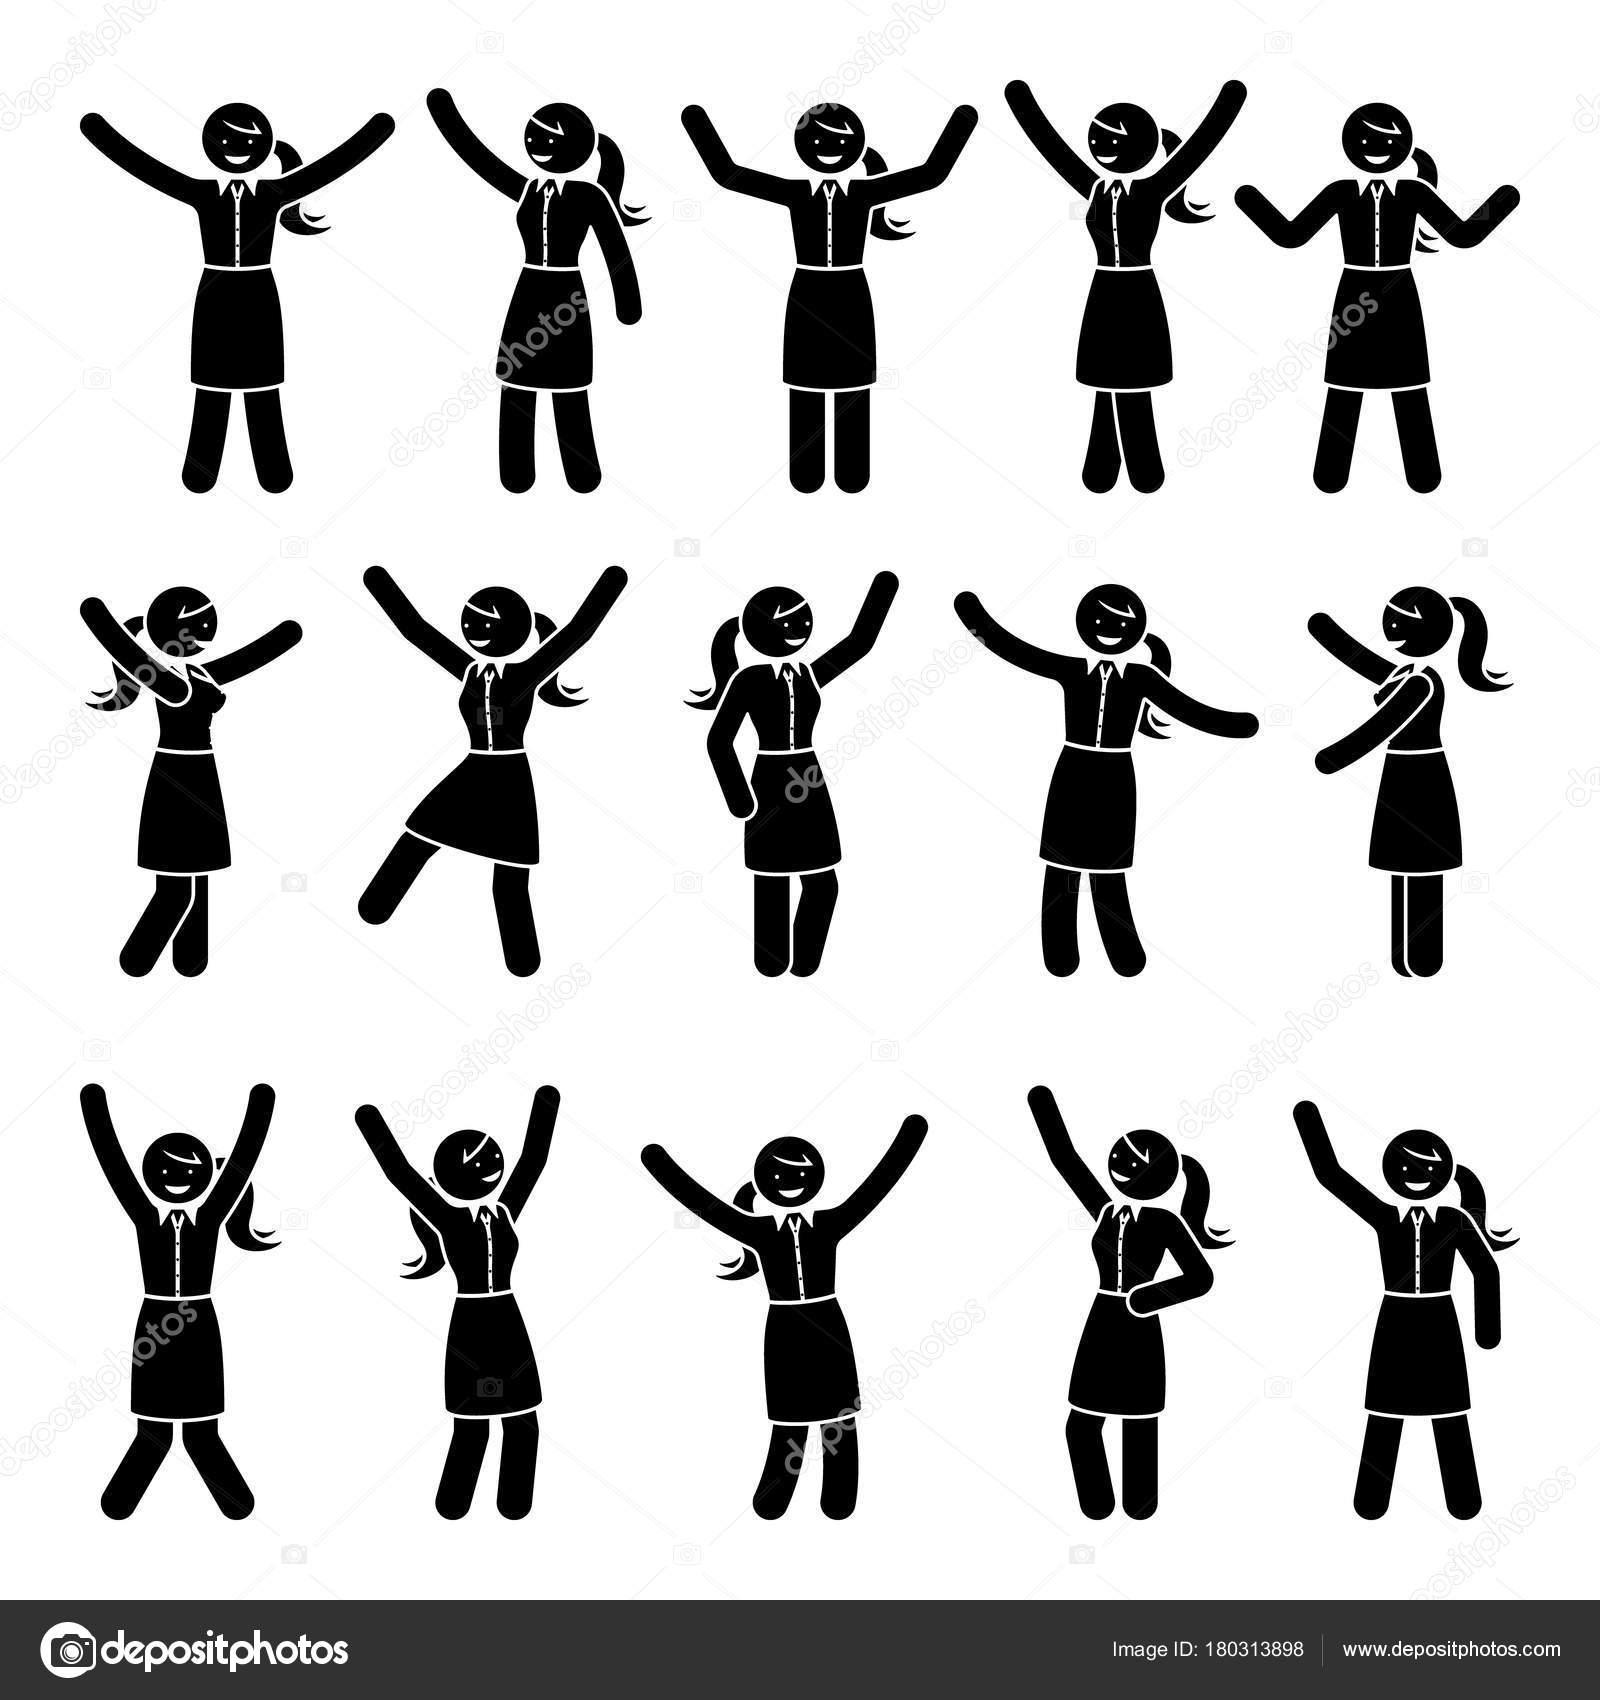 スティック図幸福 ハンズアップ 動き女性セット お祝いのベクトル